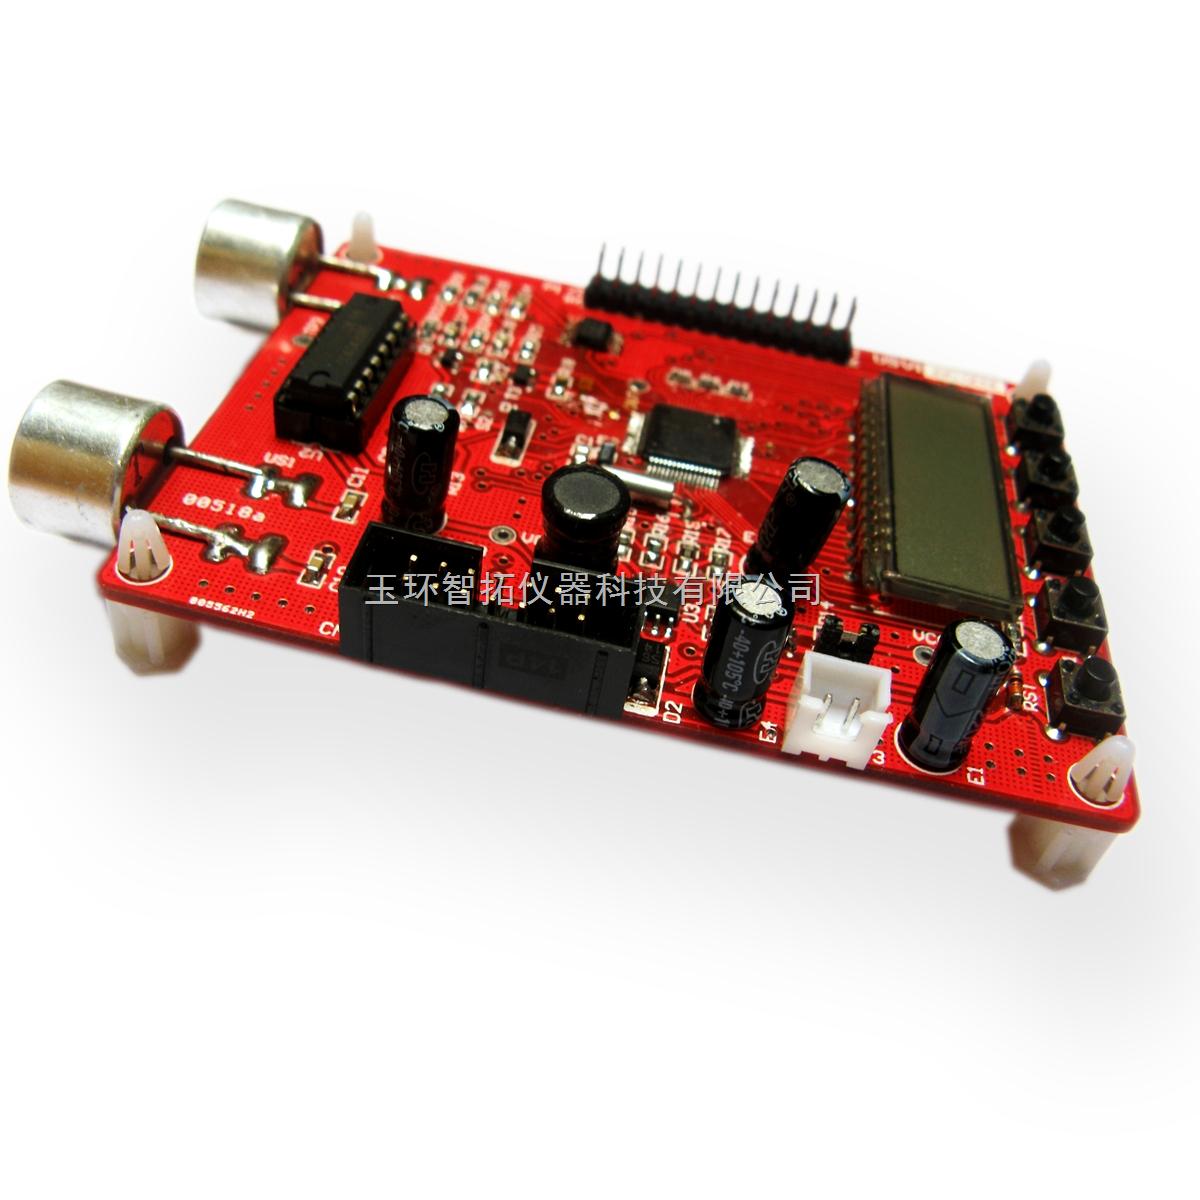 msp430超声波测距学习板,低功耗解决